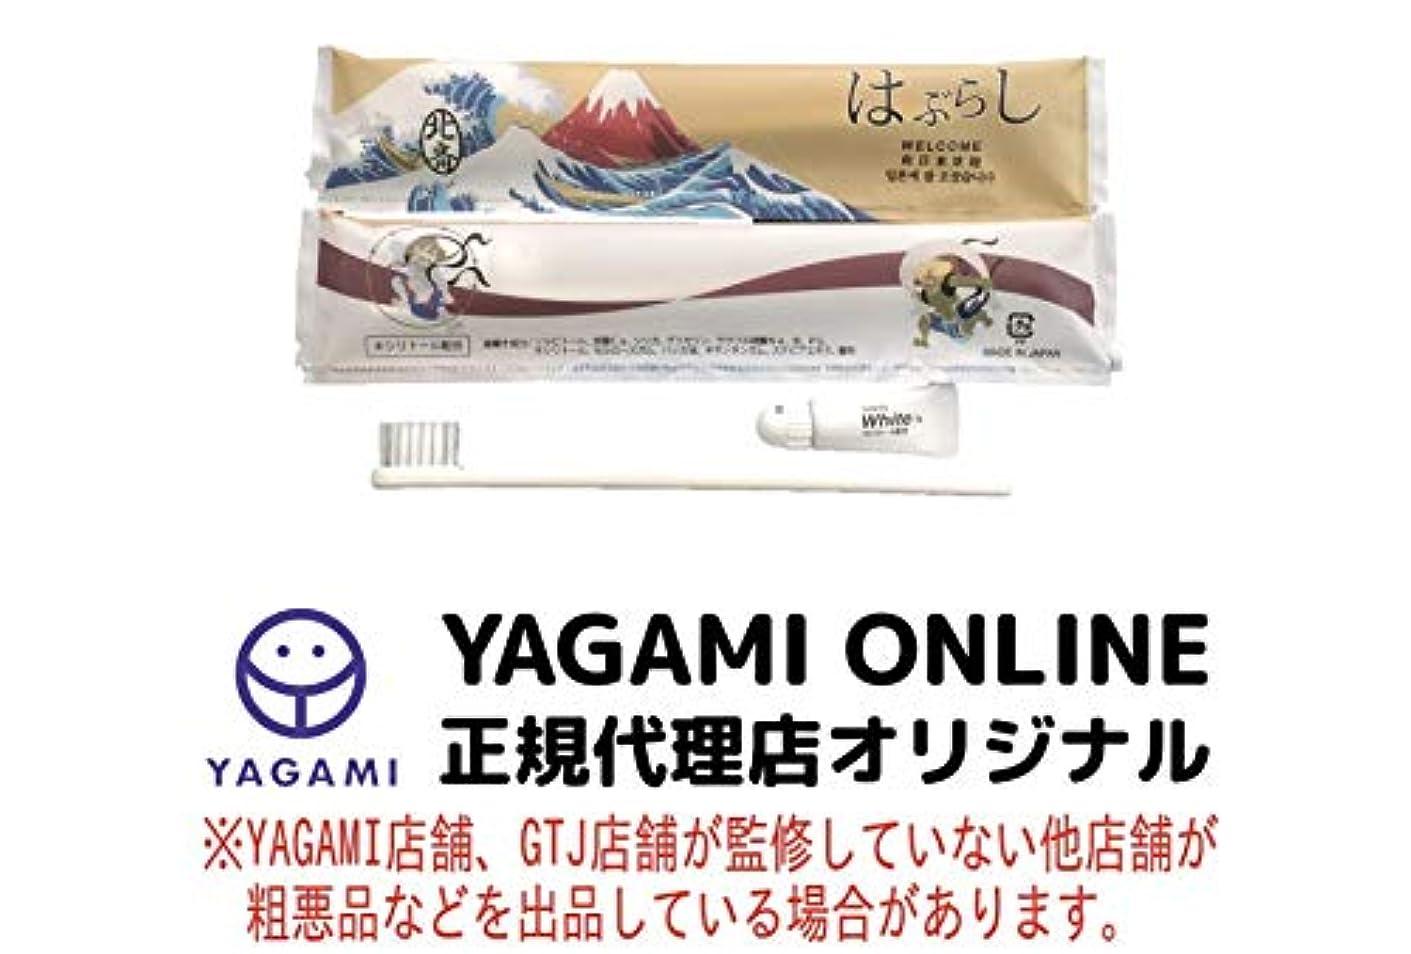 免除する受付臭い使い捨てハブラシ JS-5M 100本 日本製 JAPANSERIES アメニティ 日本シリーズ 葛飾北斎 100本セット